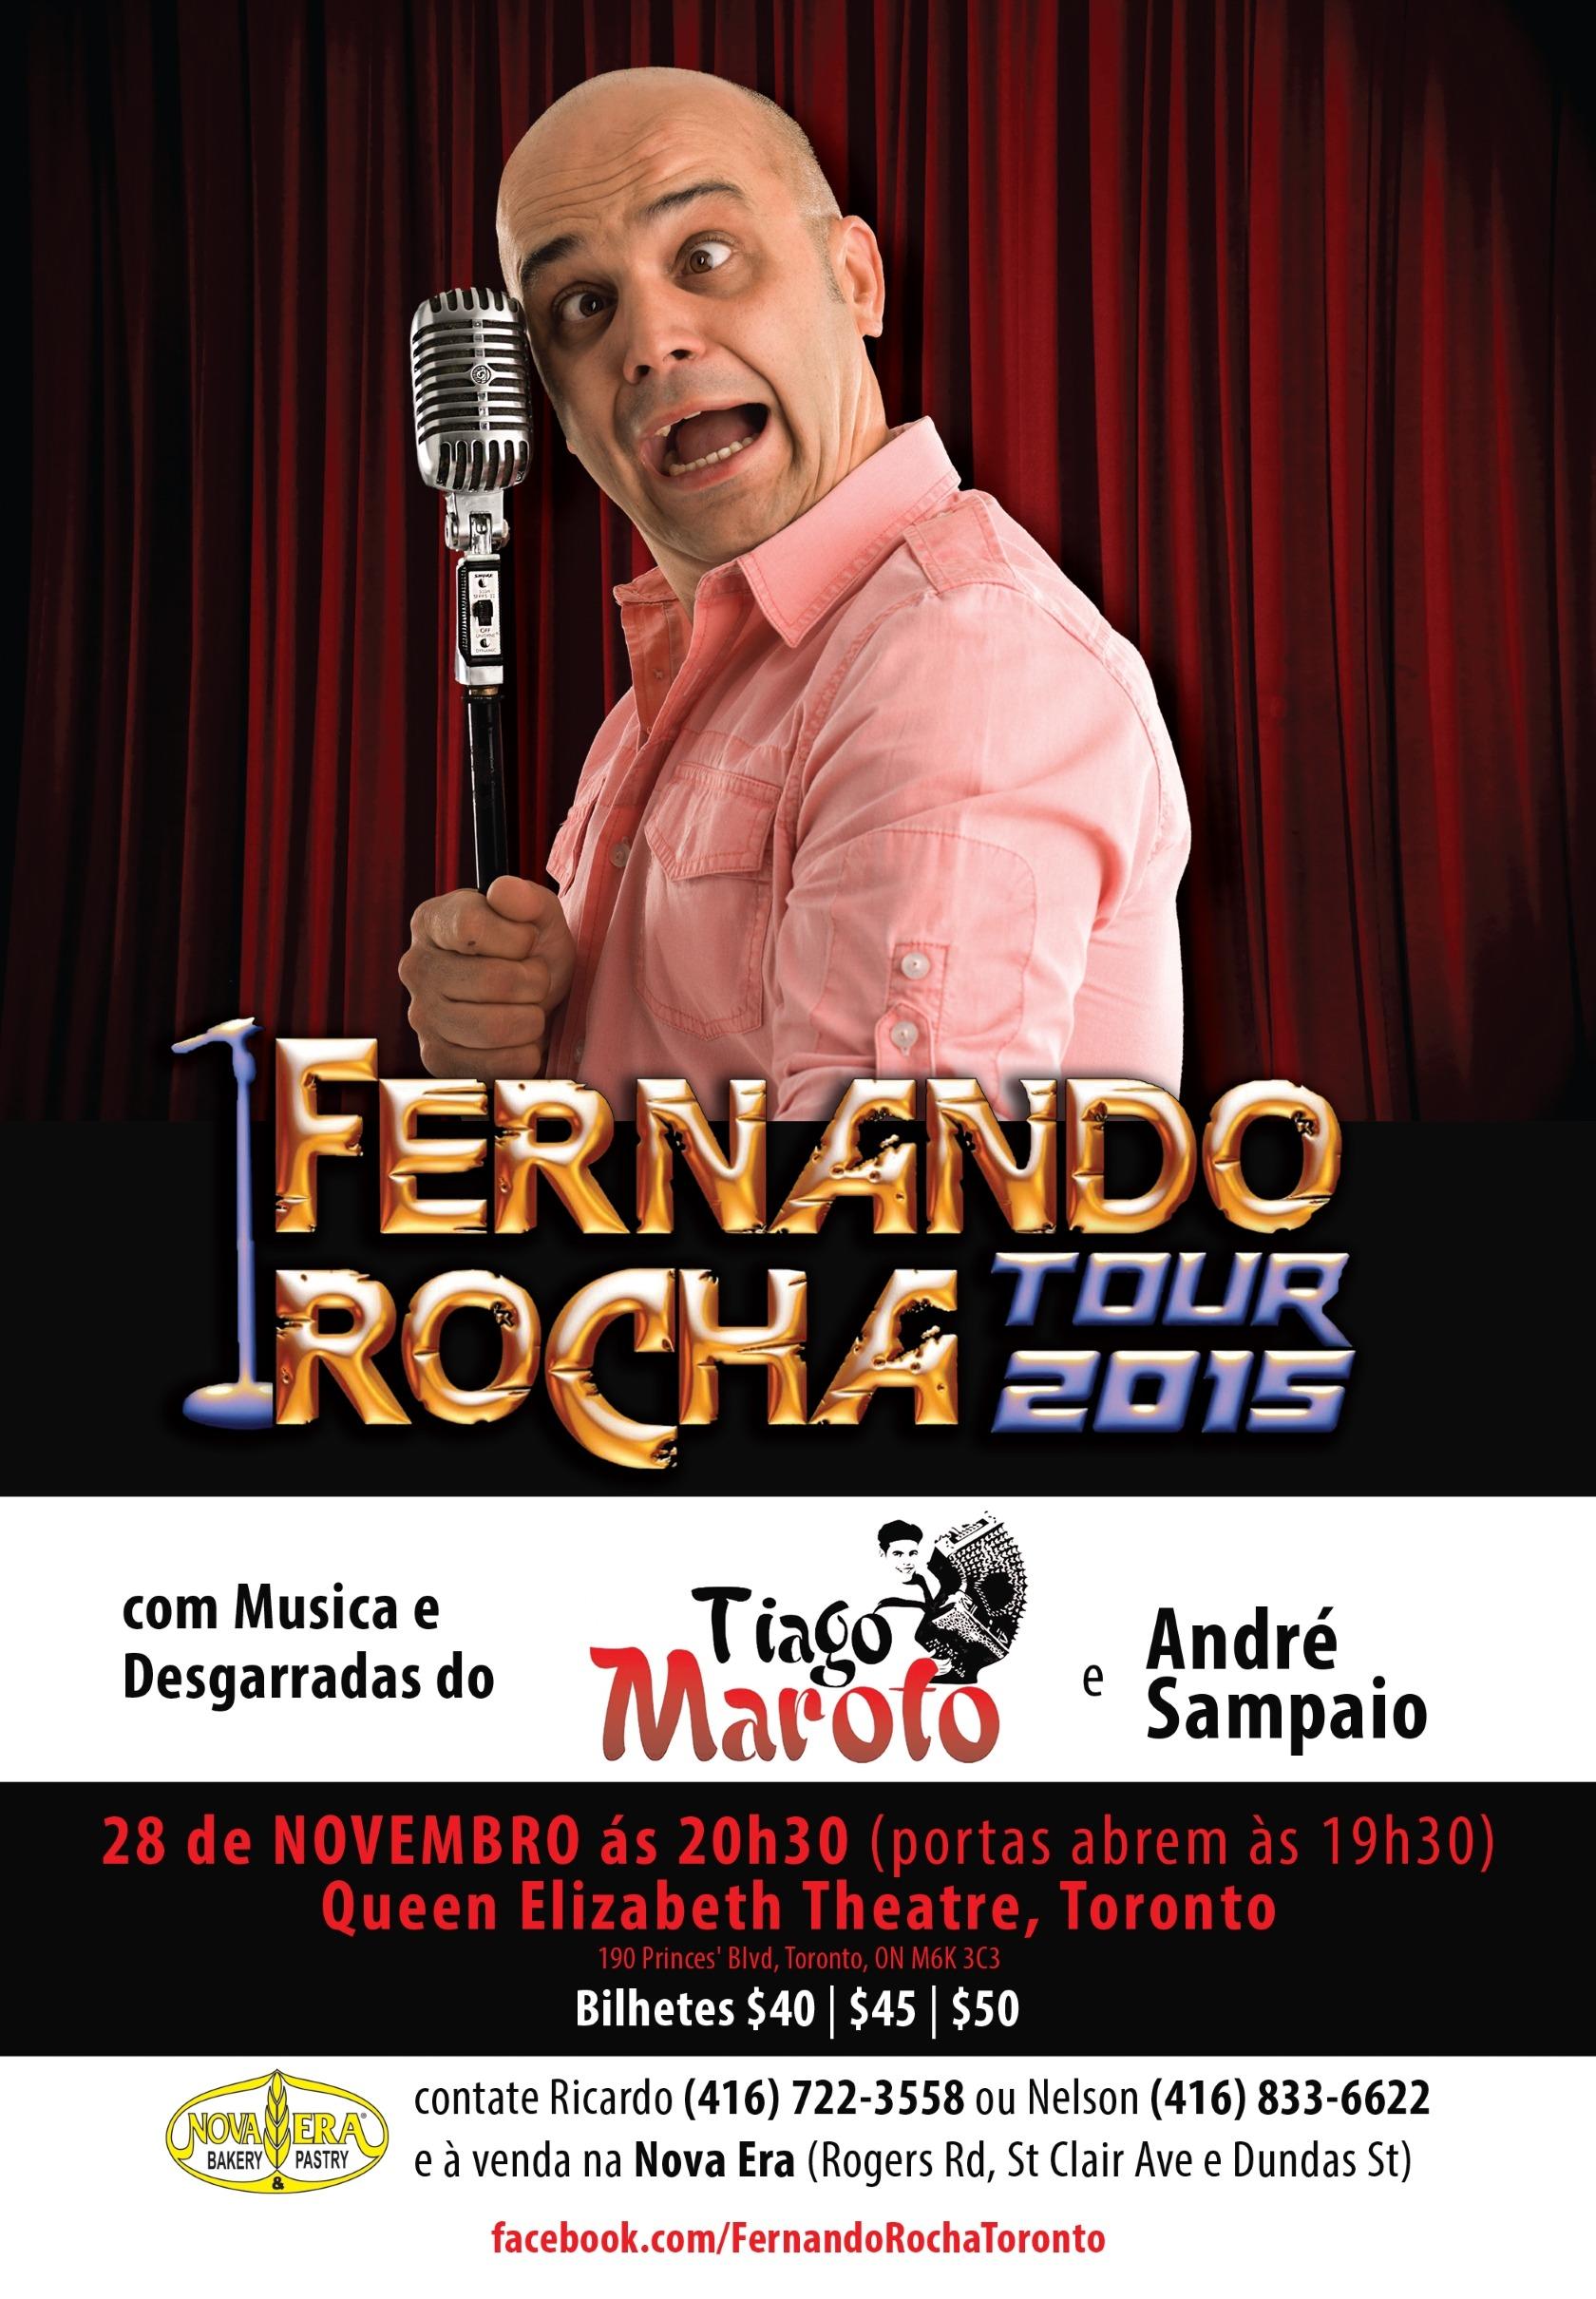 2015-10-30-FernandoRochaPoster-magazine